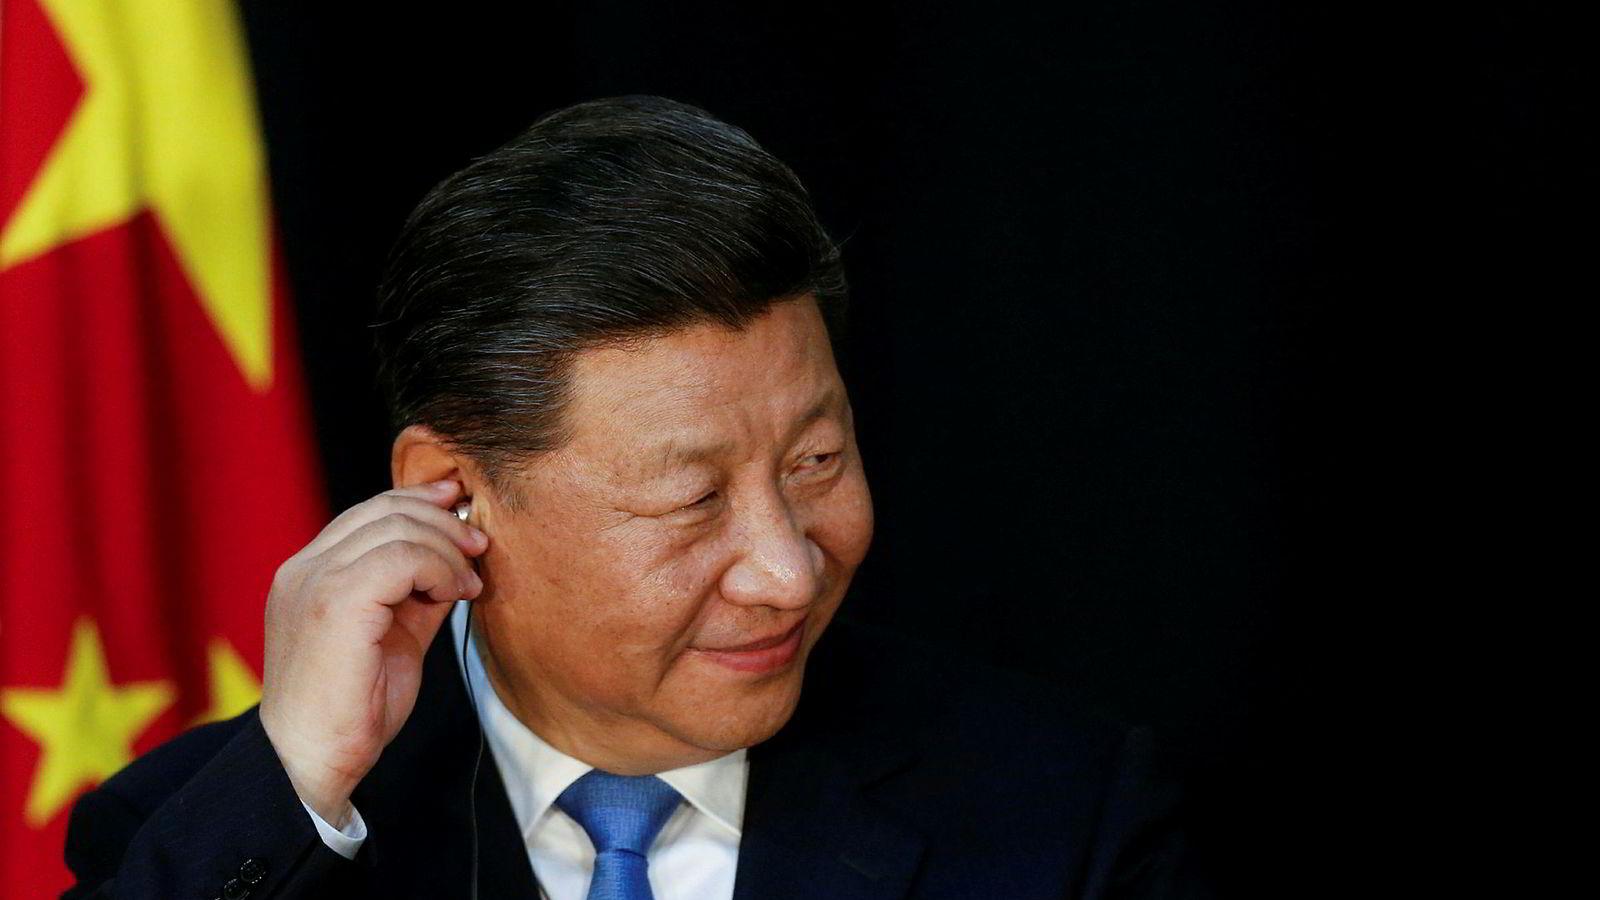 Det har vært store bevegelser ved aksjemarkedene over hele verden siden presidentene Donald Trump og Xi Jinping satte seg ned på hver sin side av middagsbordet i Argentina på lørdag kveld. Kina skal være irritert på Trumps mange utspill.